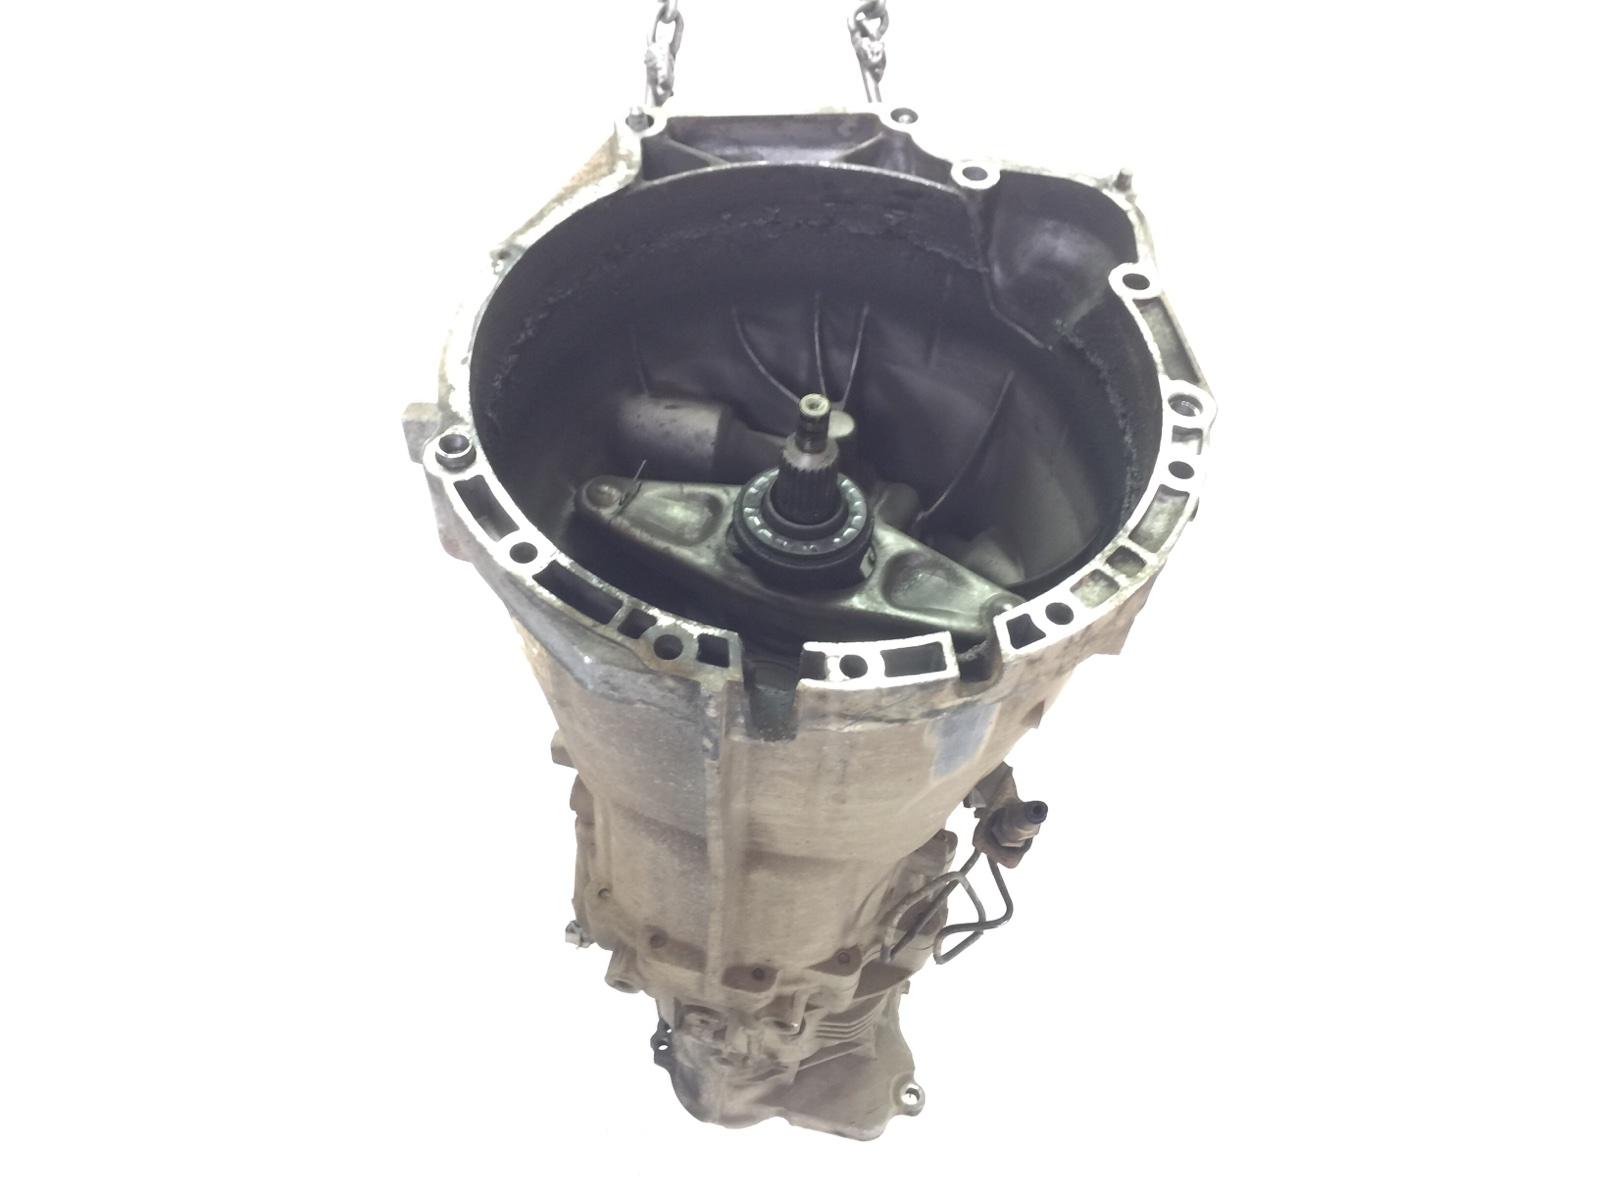 Кпп механическая (мкпп) Bmw X3 E83 2.0 TD 2005 (б/у)